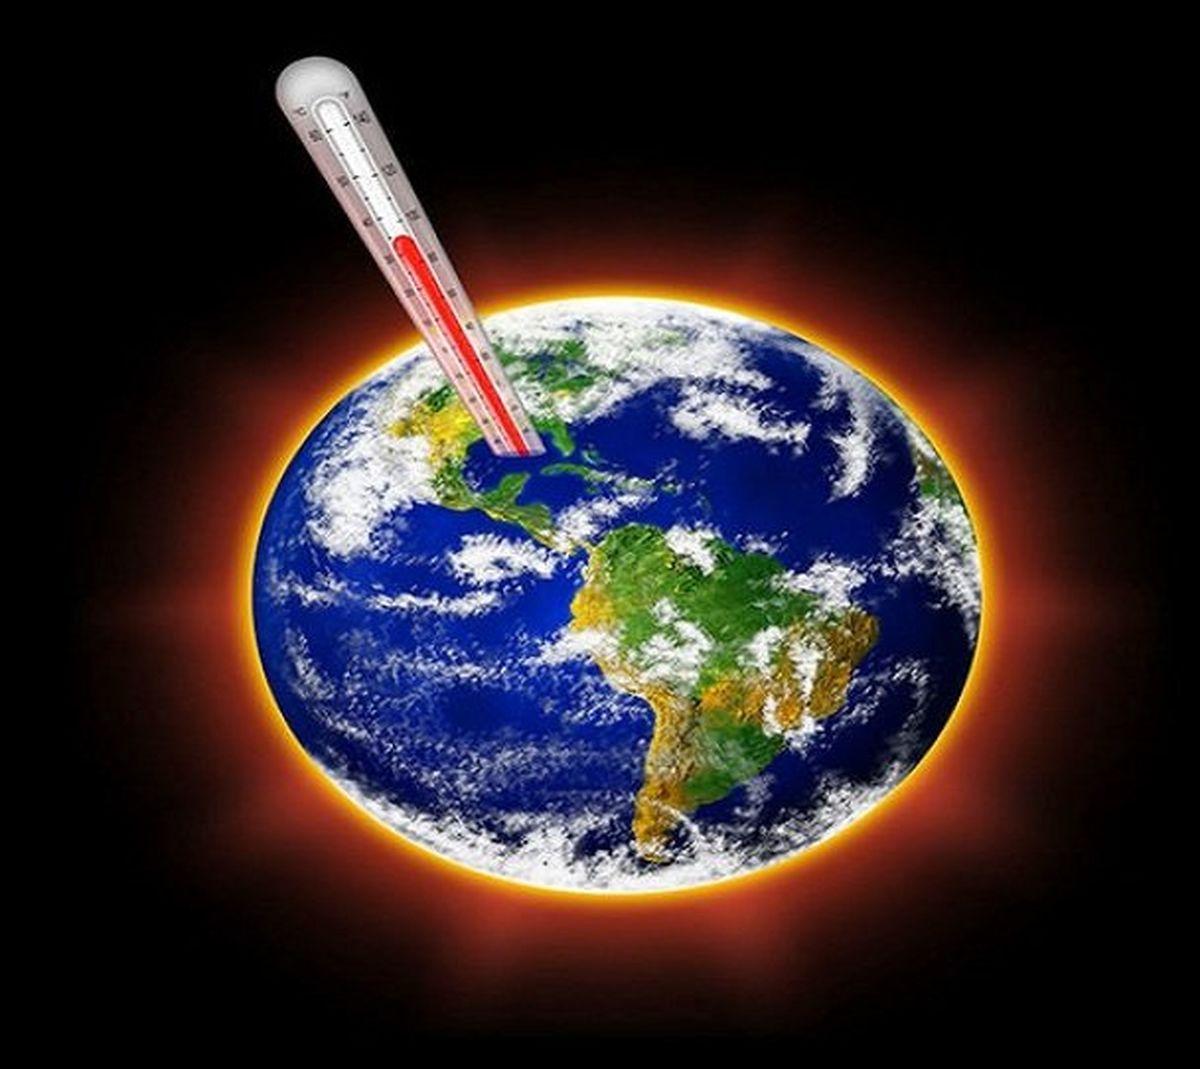 تغییرات آبوهوایی زمین از چه زمانی آغاز شد؟